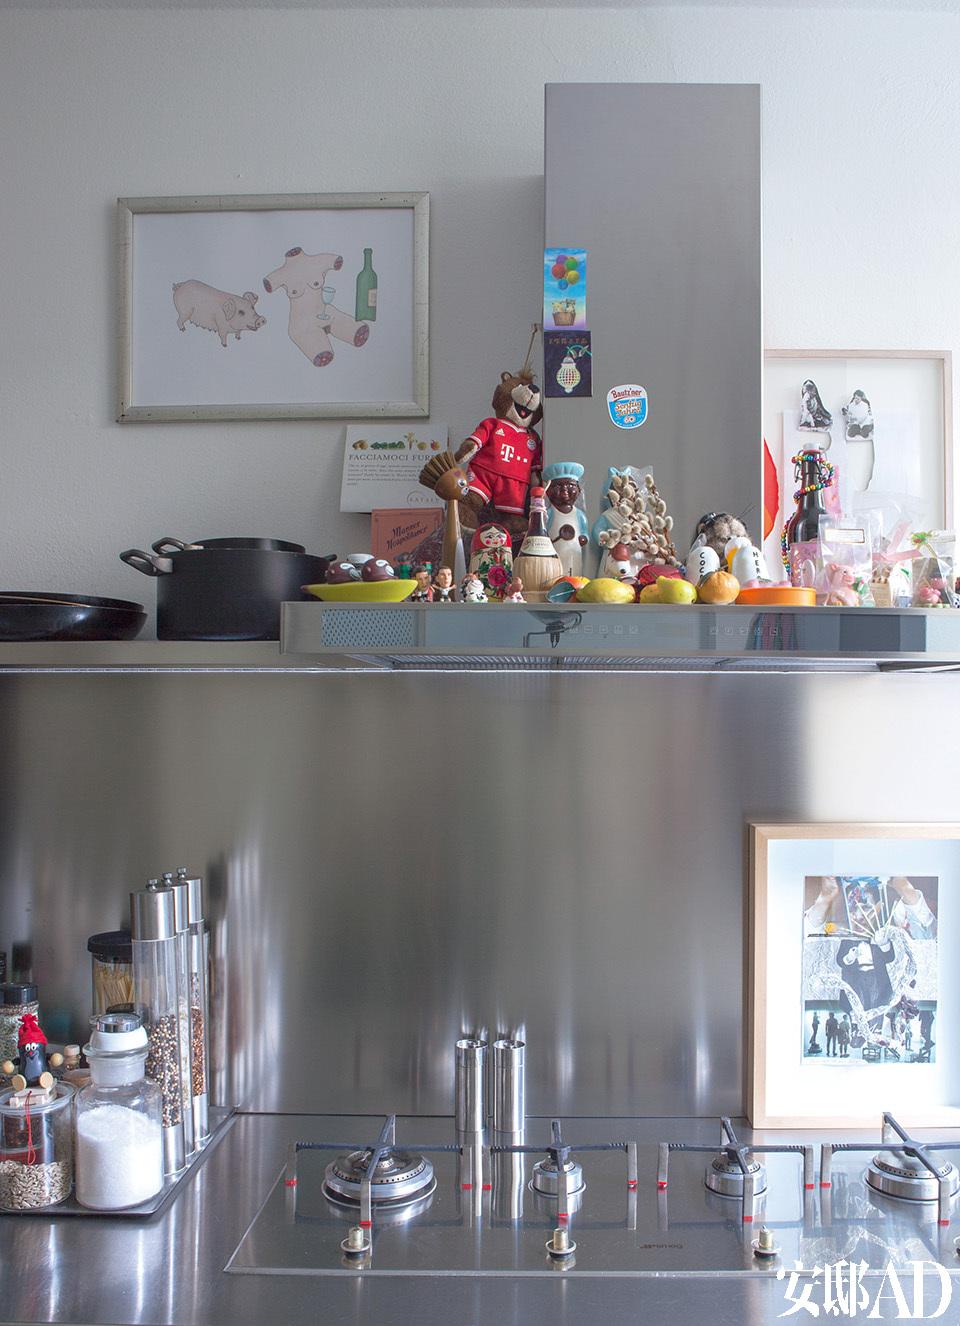 厨房一角展现出主人的童心未泯,他用充满童趣的水彩画来搭配自己收藏的小玩具。橱柜的墙面左侧上方的水彩画来自Atelier Van Lieshout,右侧的拼贴艺术画来自John Bock。